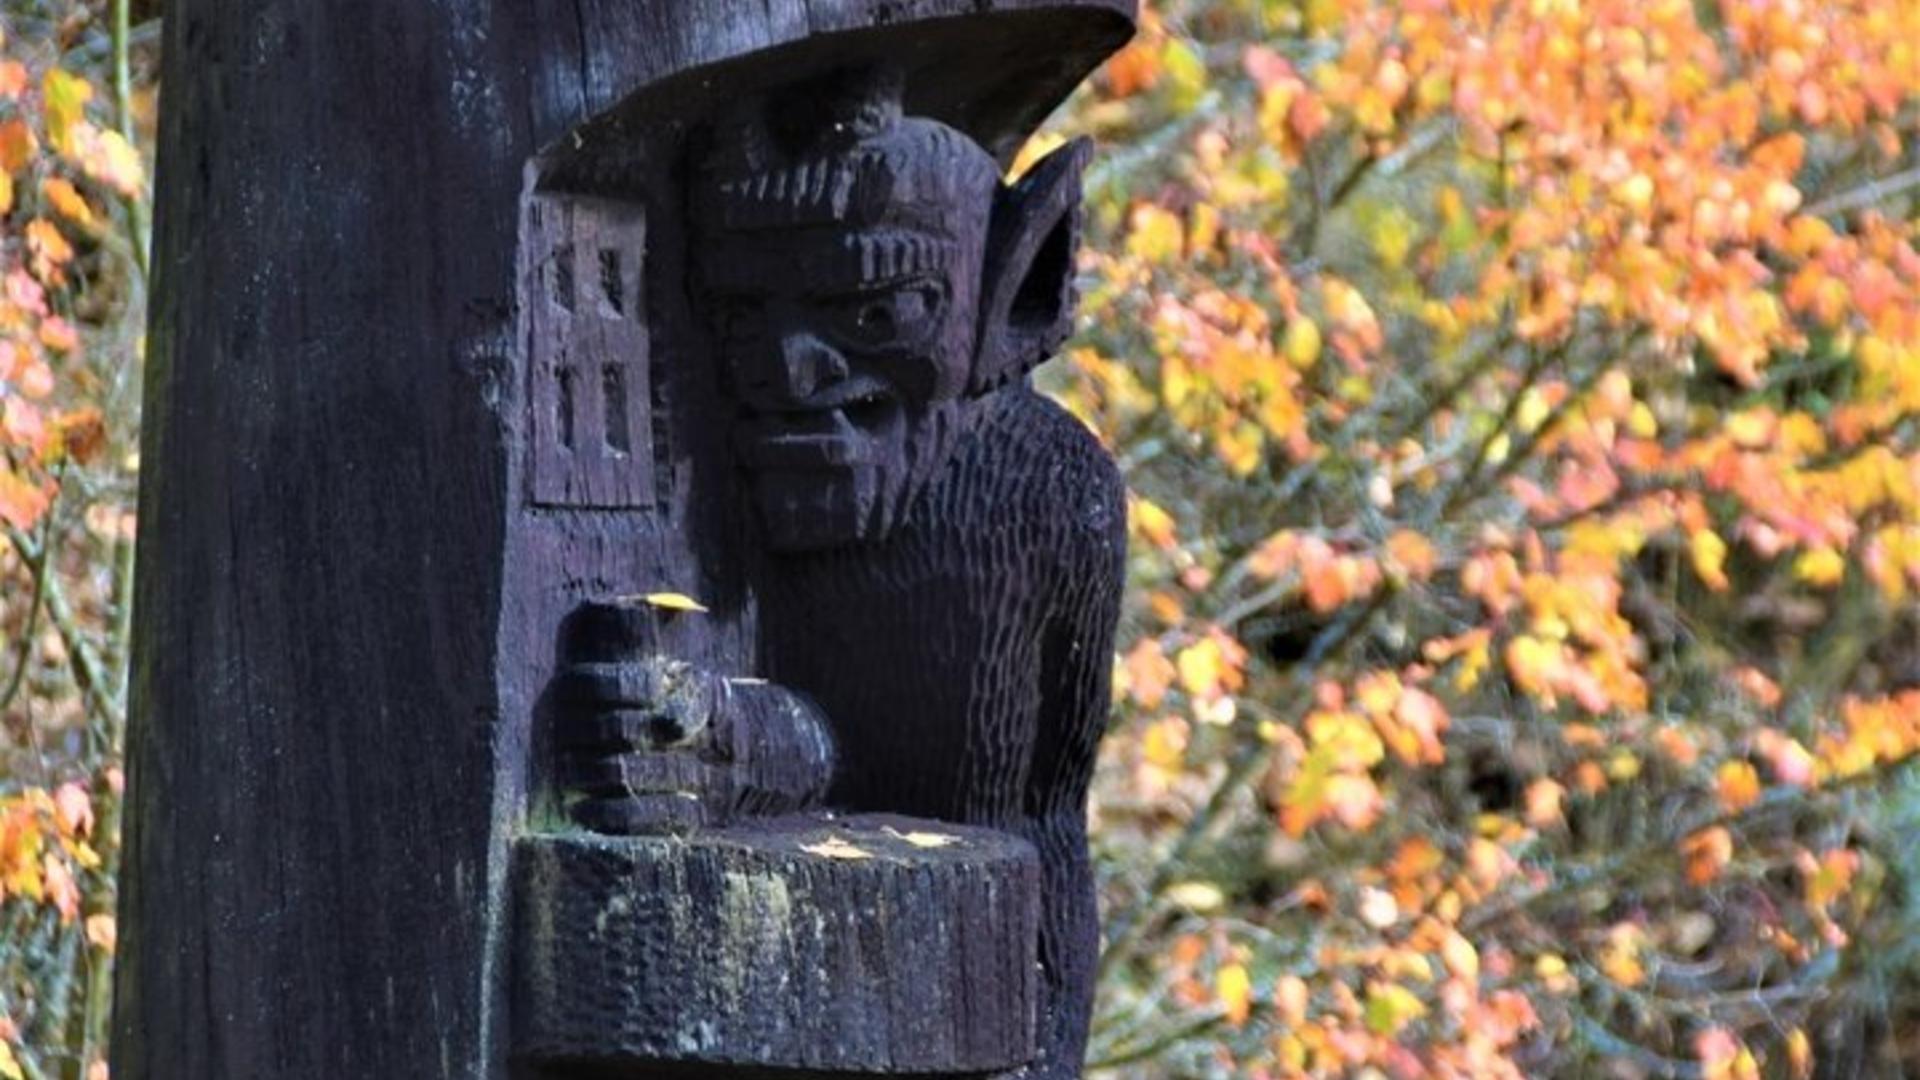 The wooden sculptures ensemble